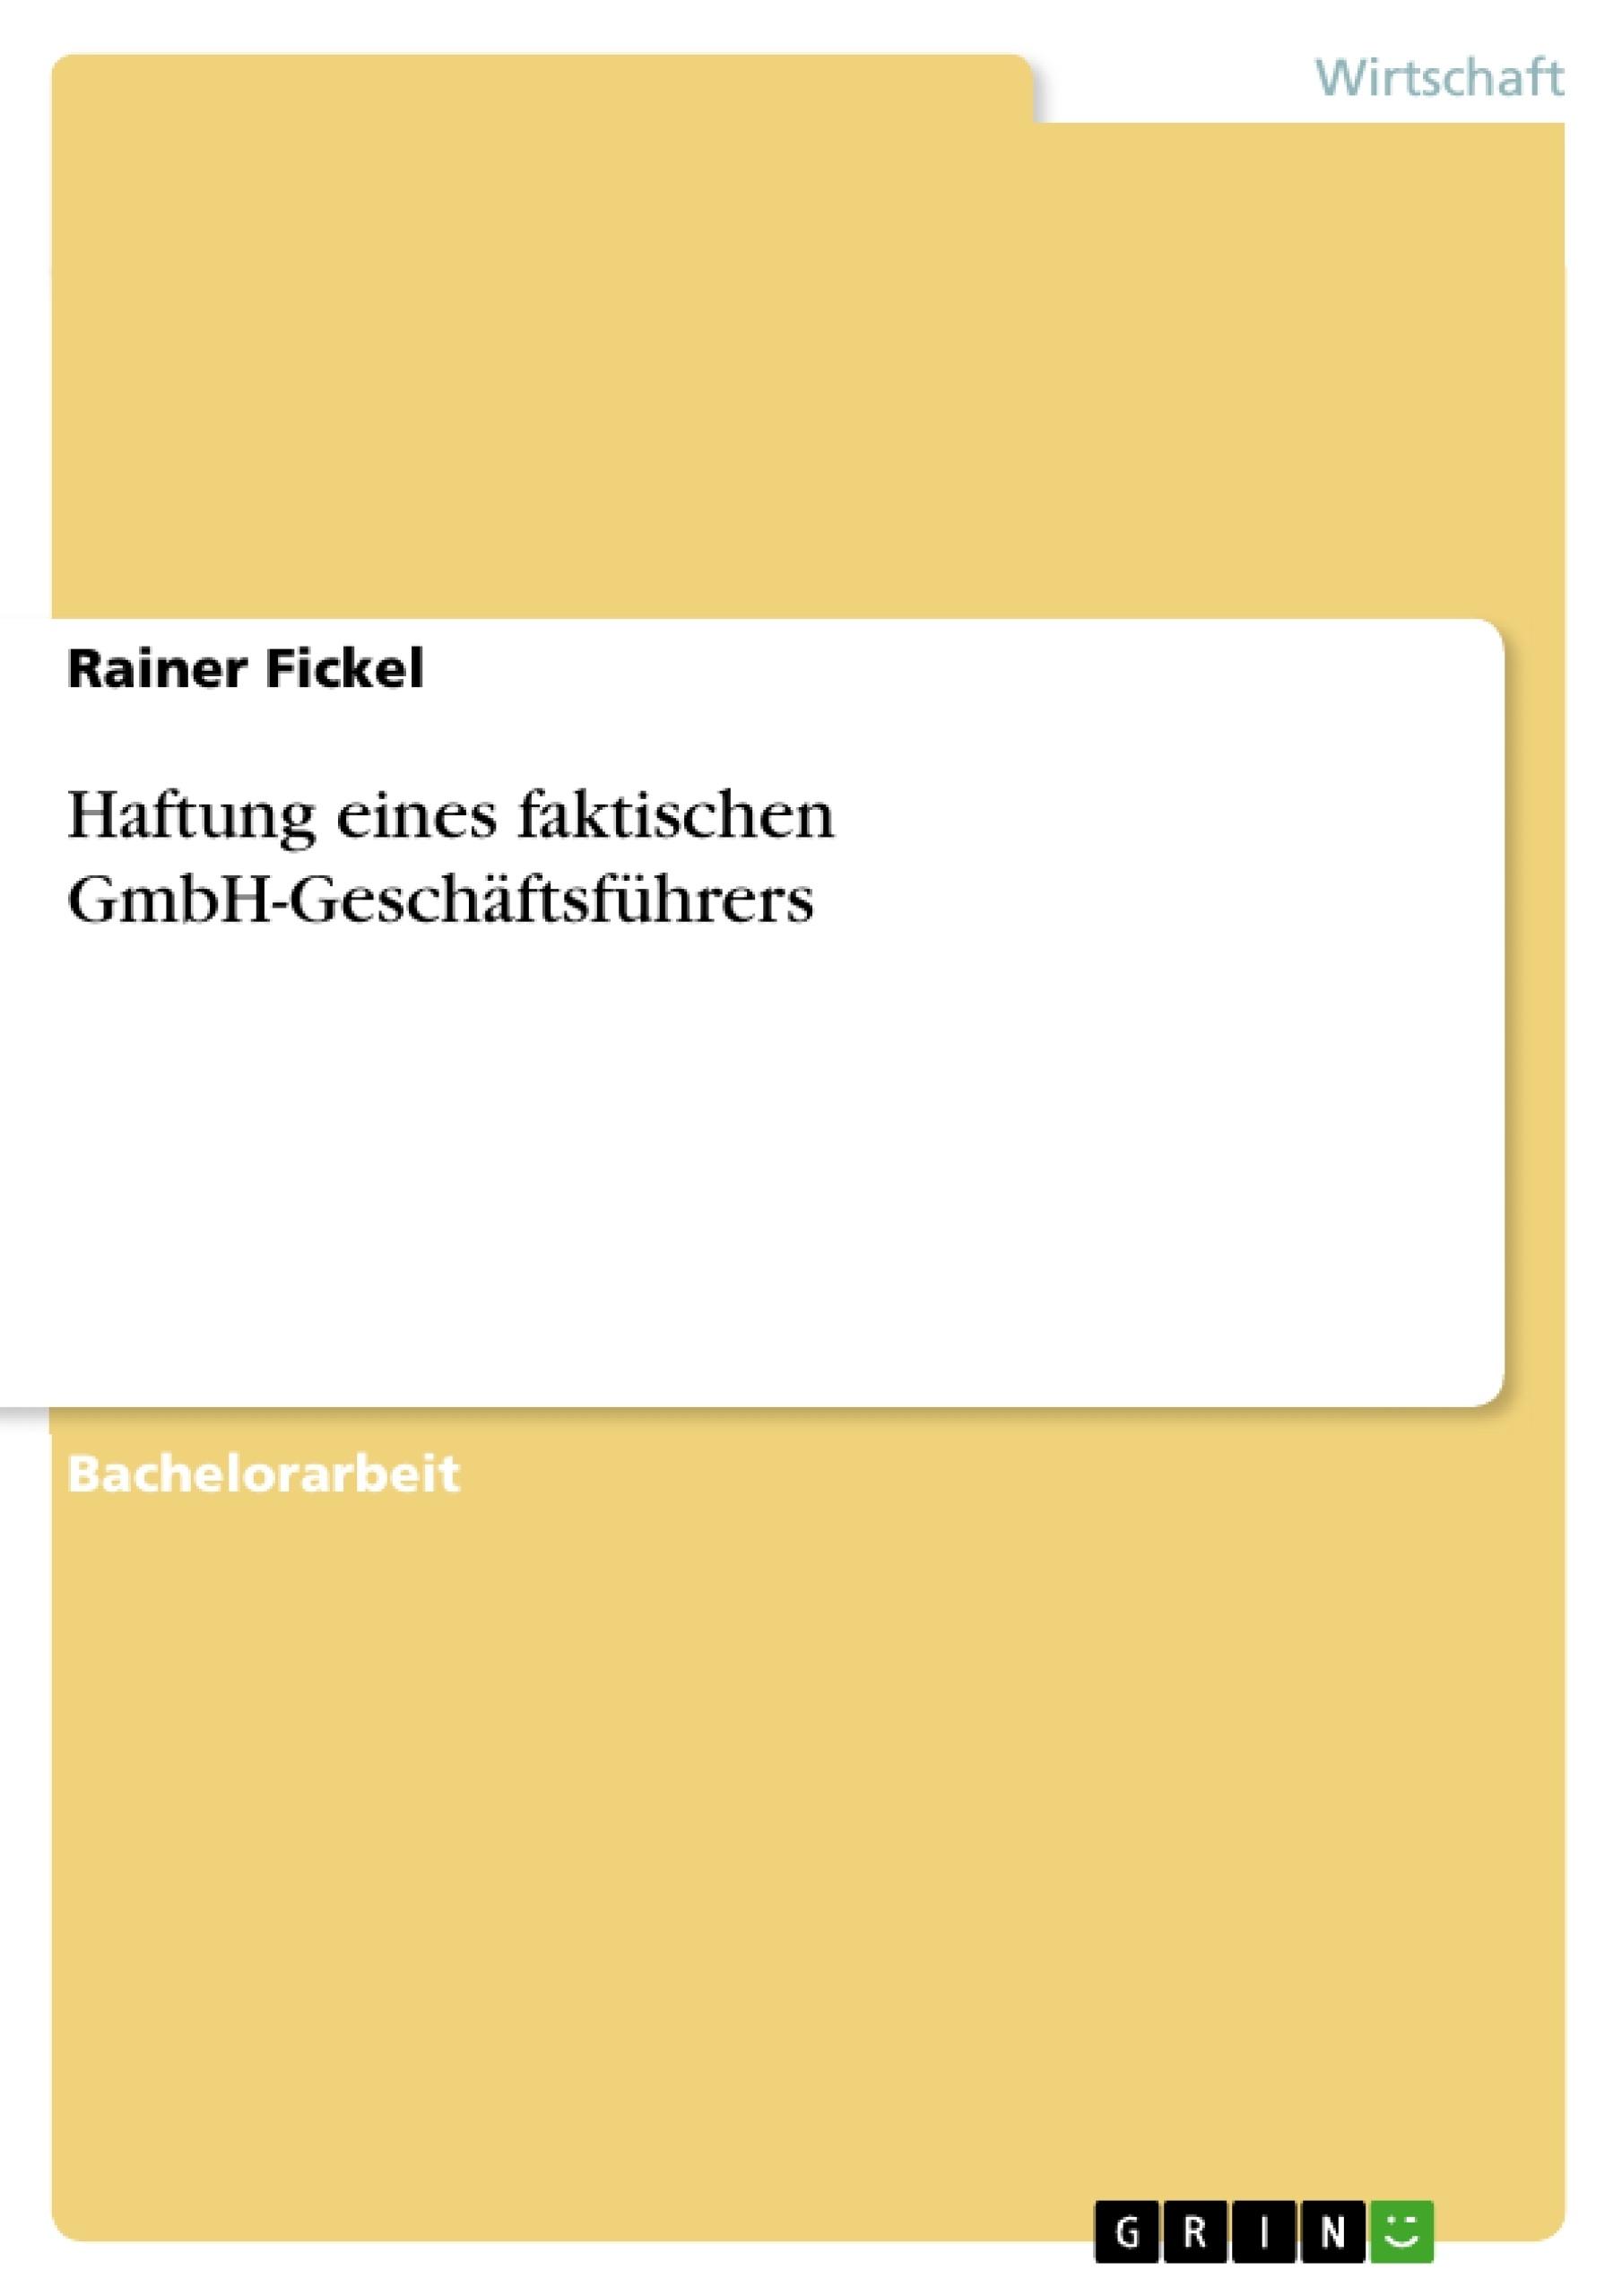 Titel: Haftung eines faktischen GmbH-Geschäftsführers